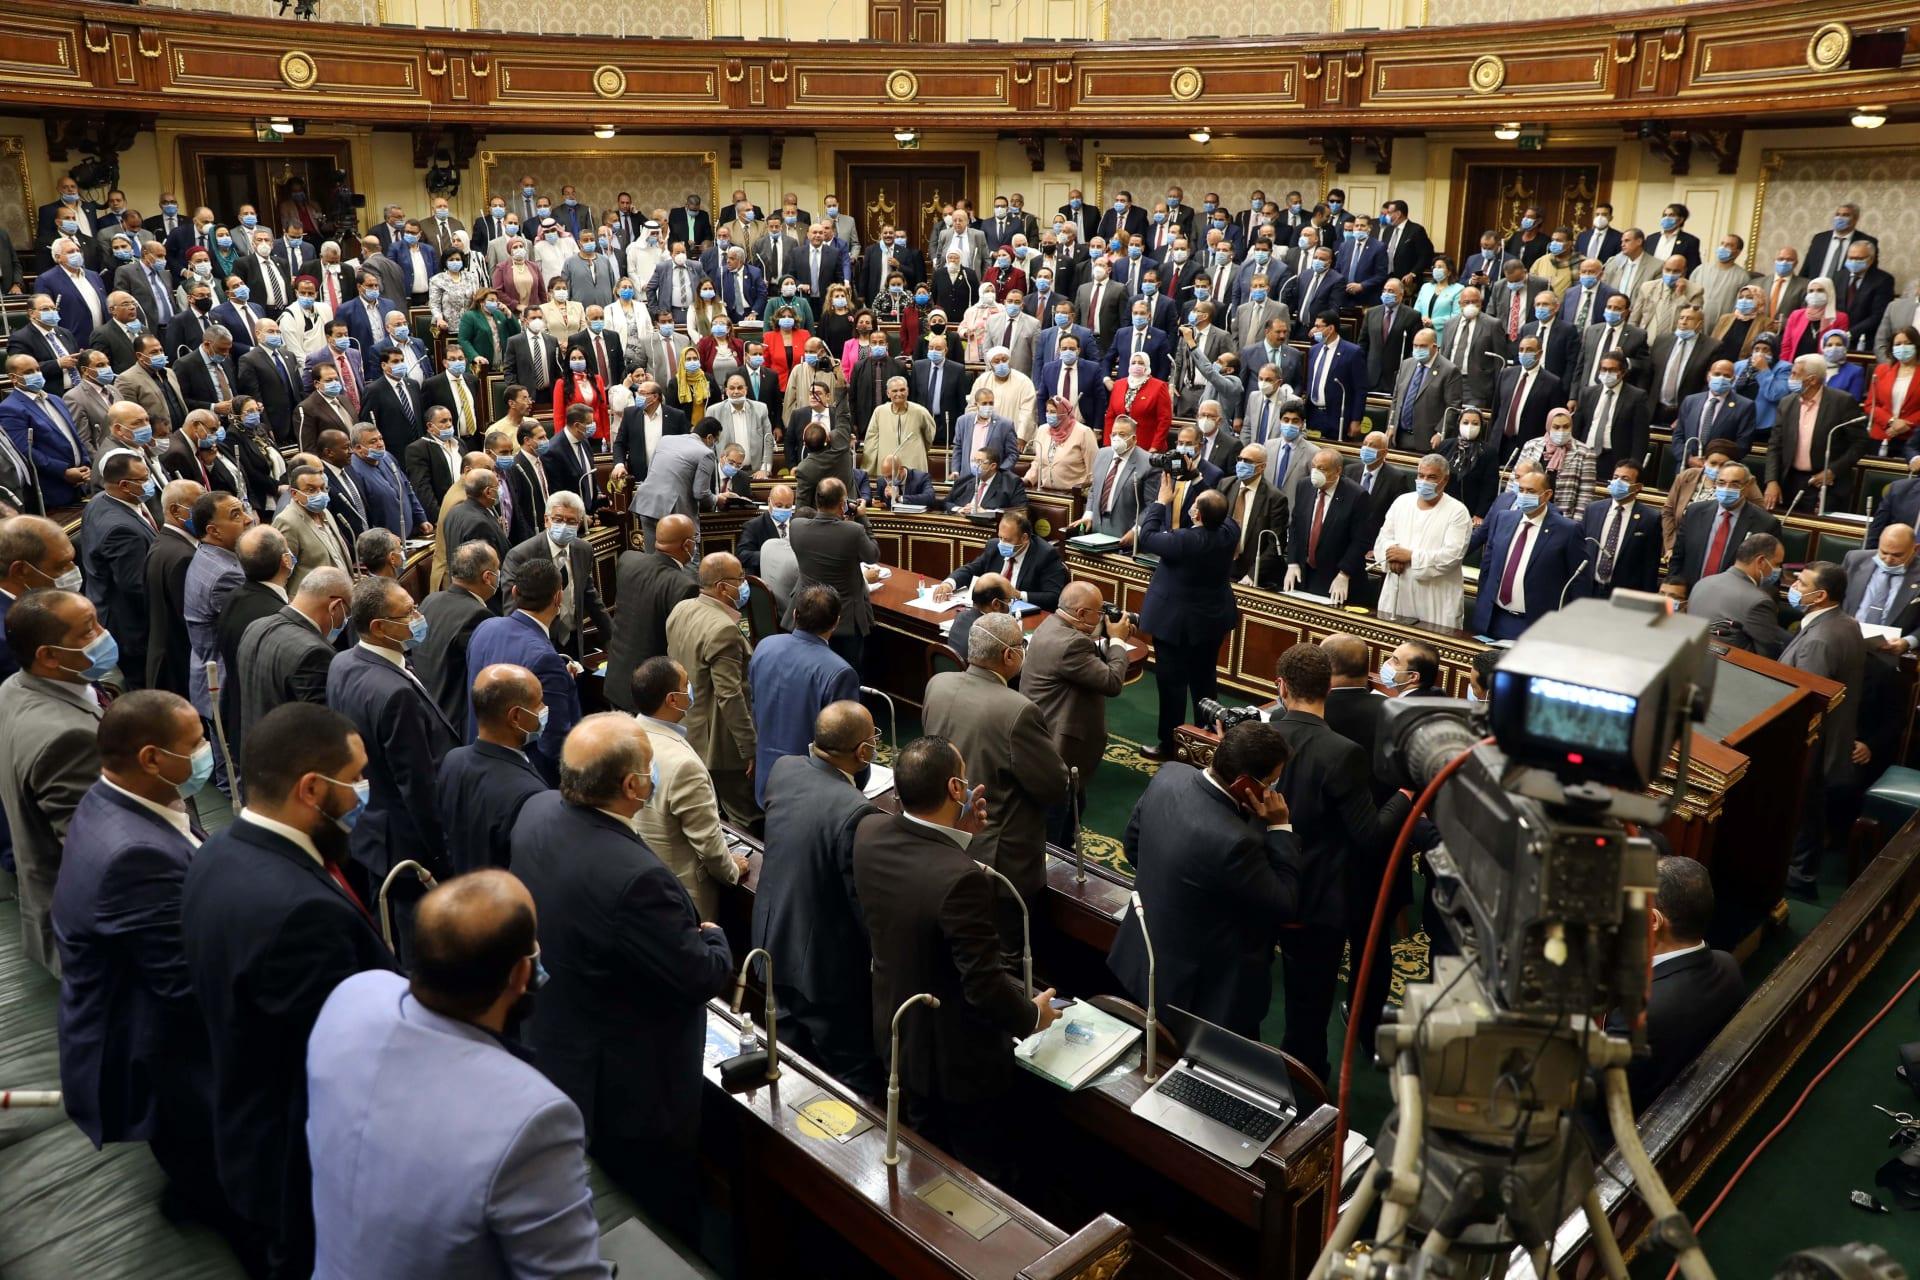 البرلمان المصري يوافق على مشروع قانون لإنهاء وظيفة من يثبت تعاطيه للمخدرات